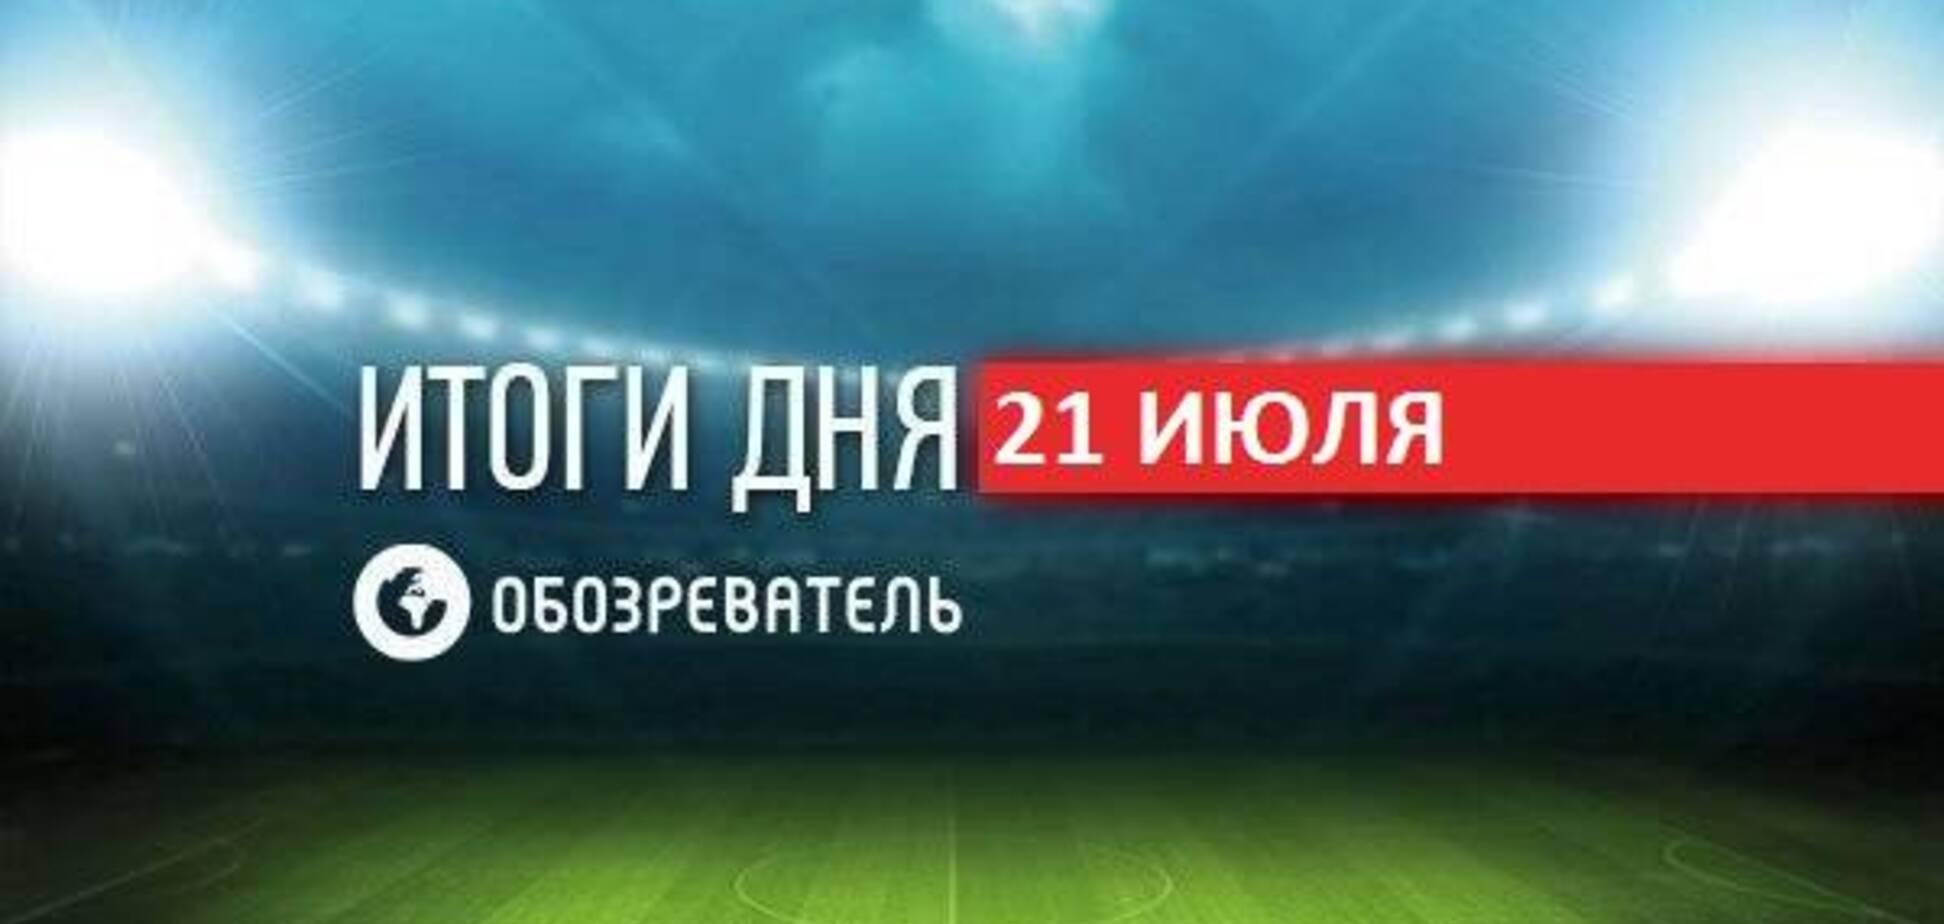 СМИ раскрыли стратегию 'Динамо' по новому тренеру: спортивные итоги 21 июля